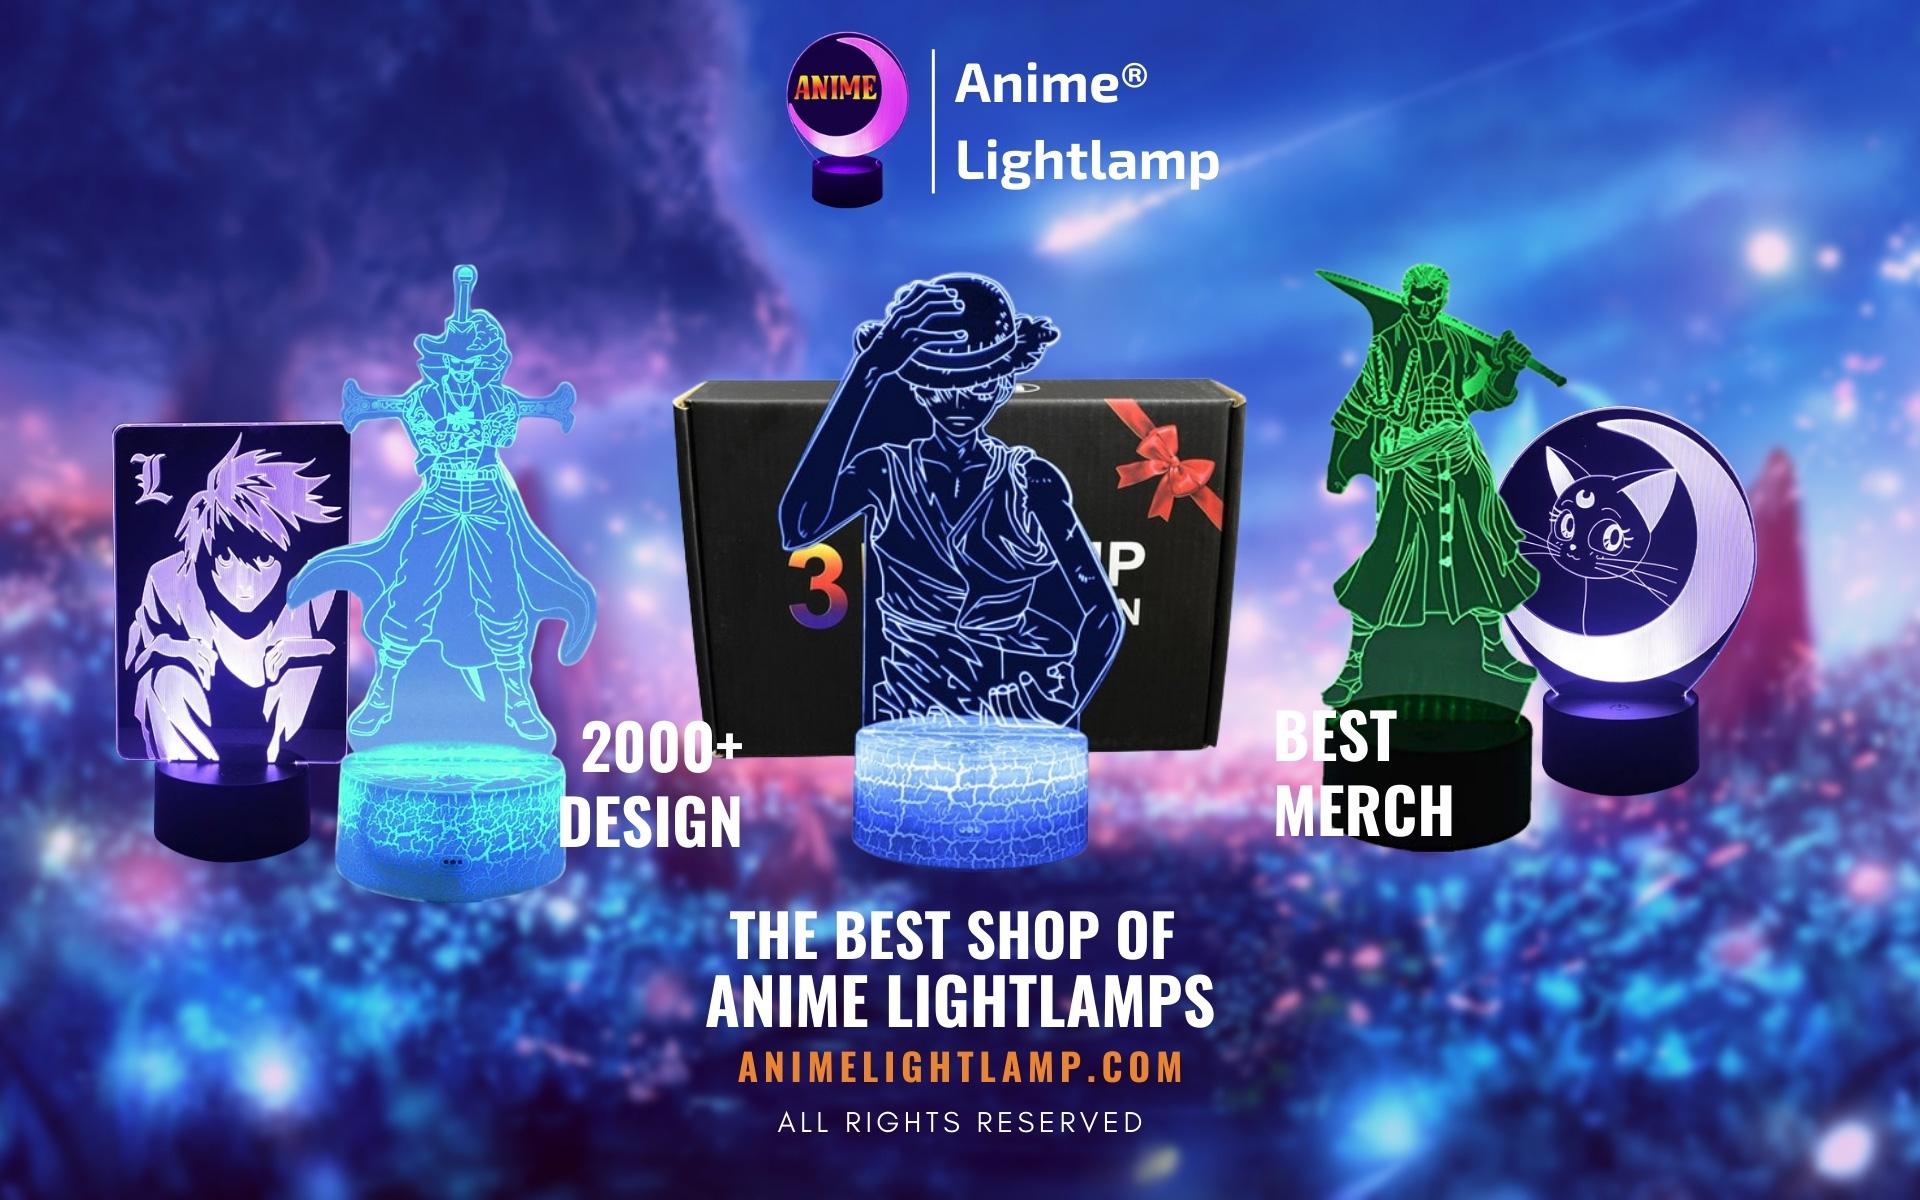 Anime Lightlamp Web Banner 1 - Anime 3D lamp